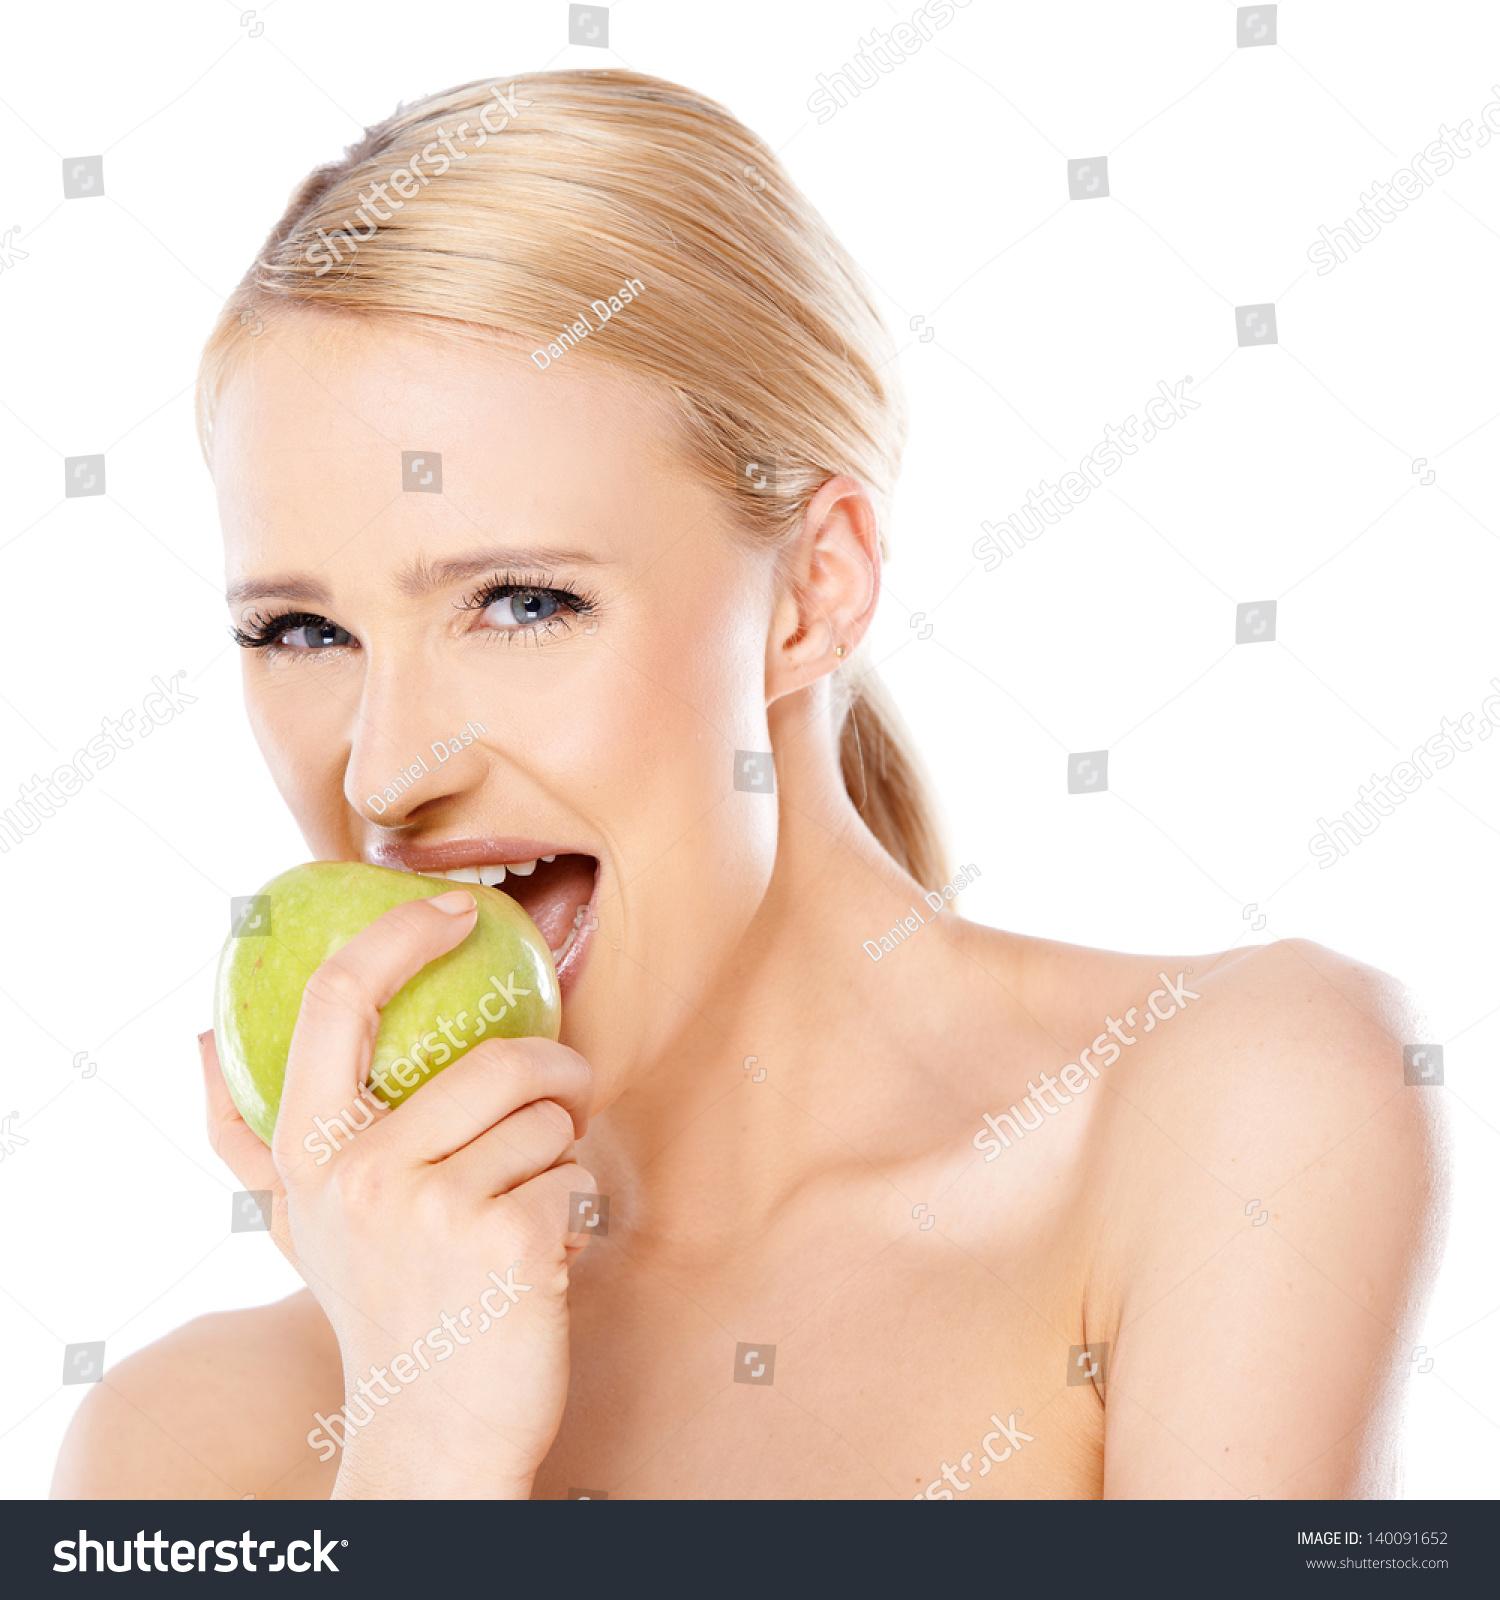 Blonde Joke Green Side